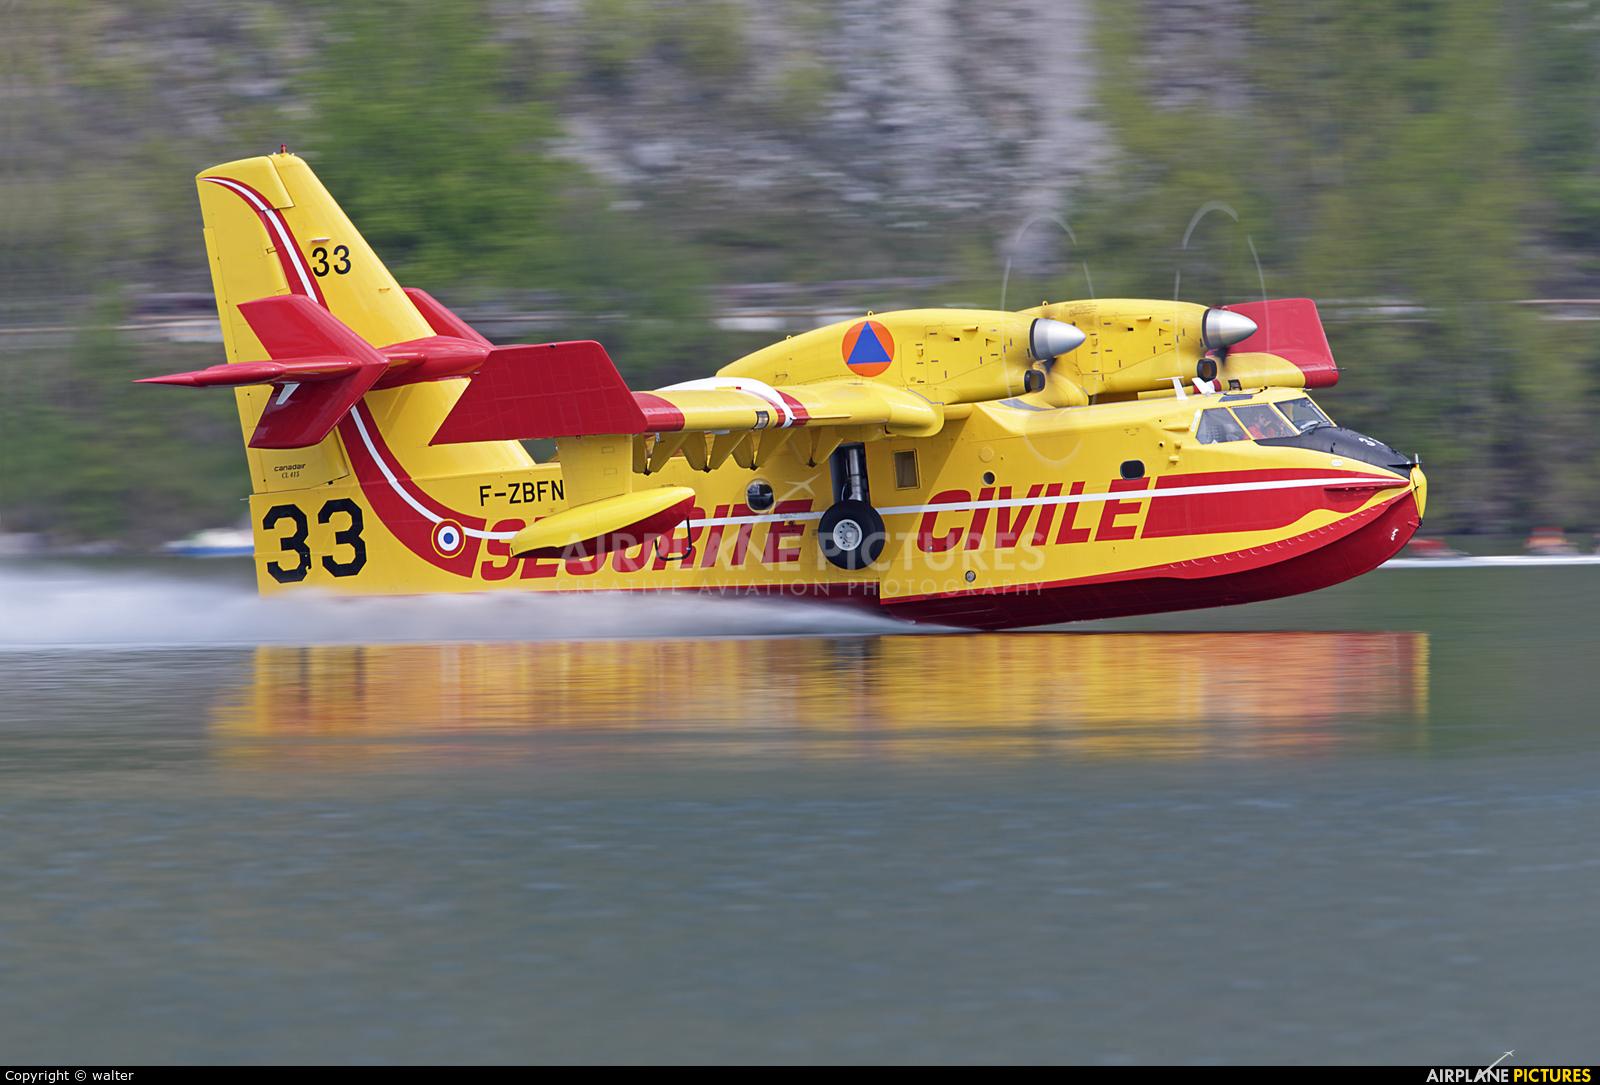 France - Sécurité Civile F-ZBFN aircraft at Off Airport - France